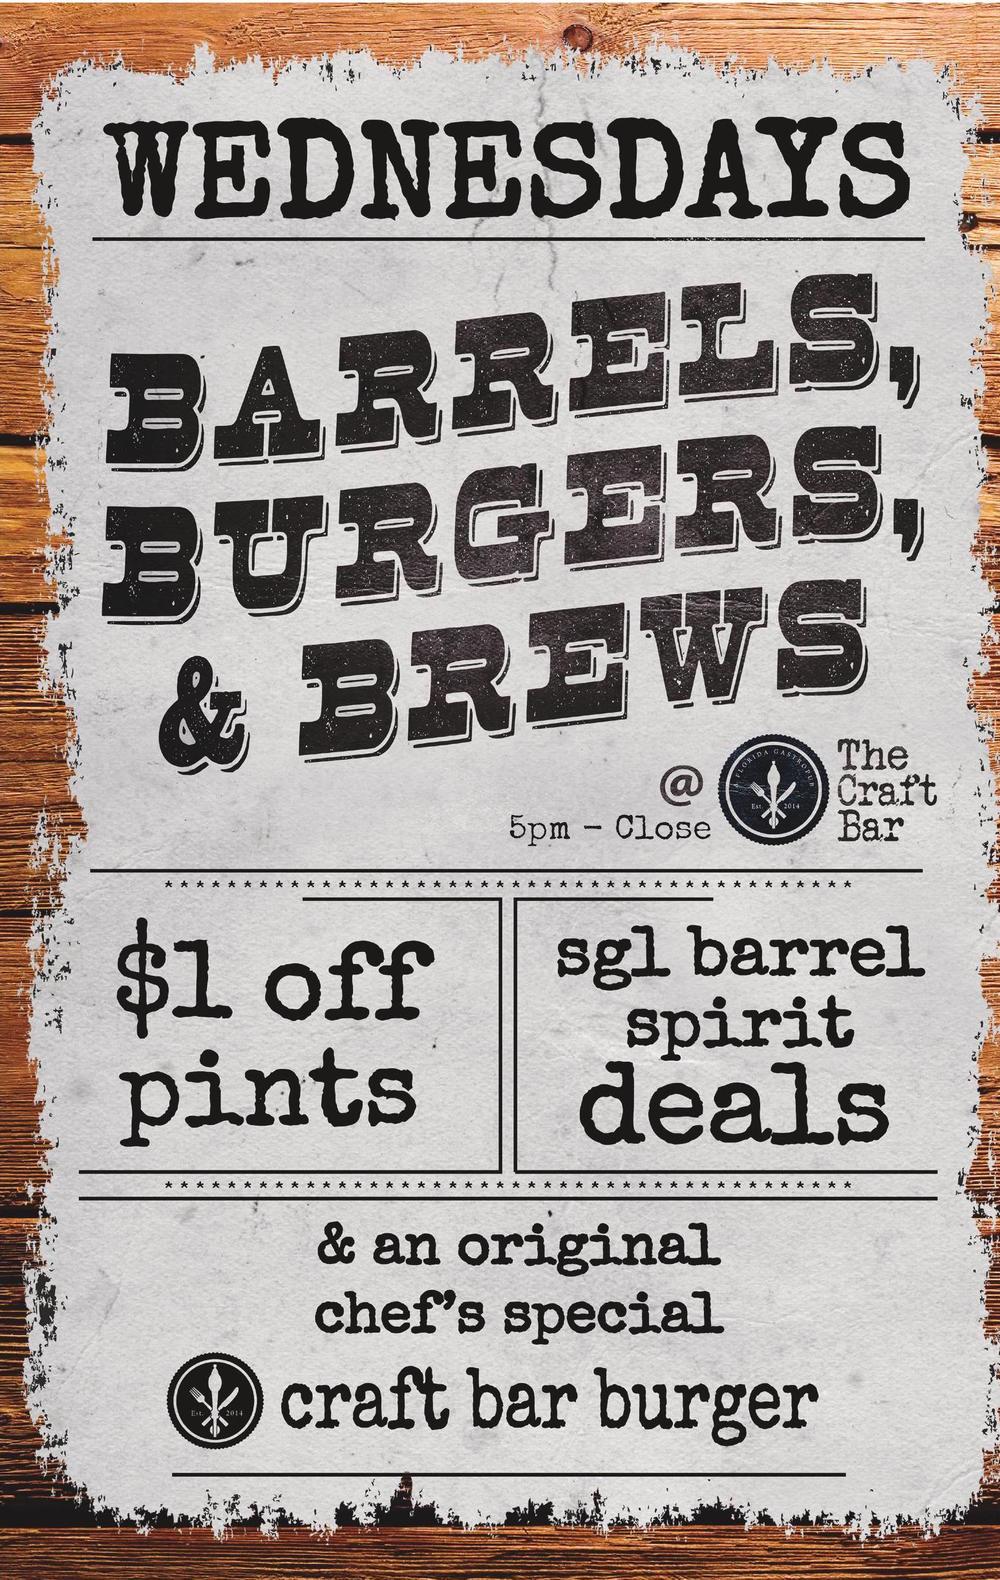 barrels, burgers, brews